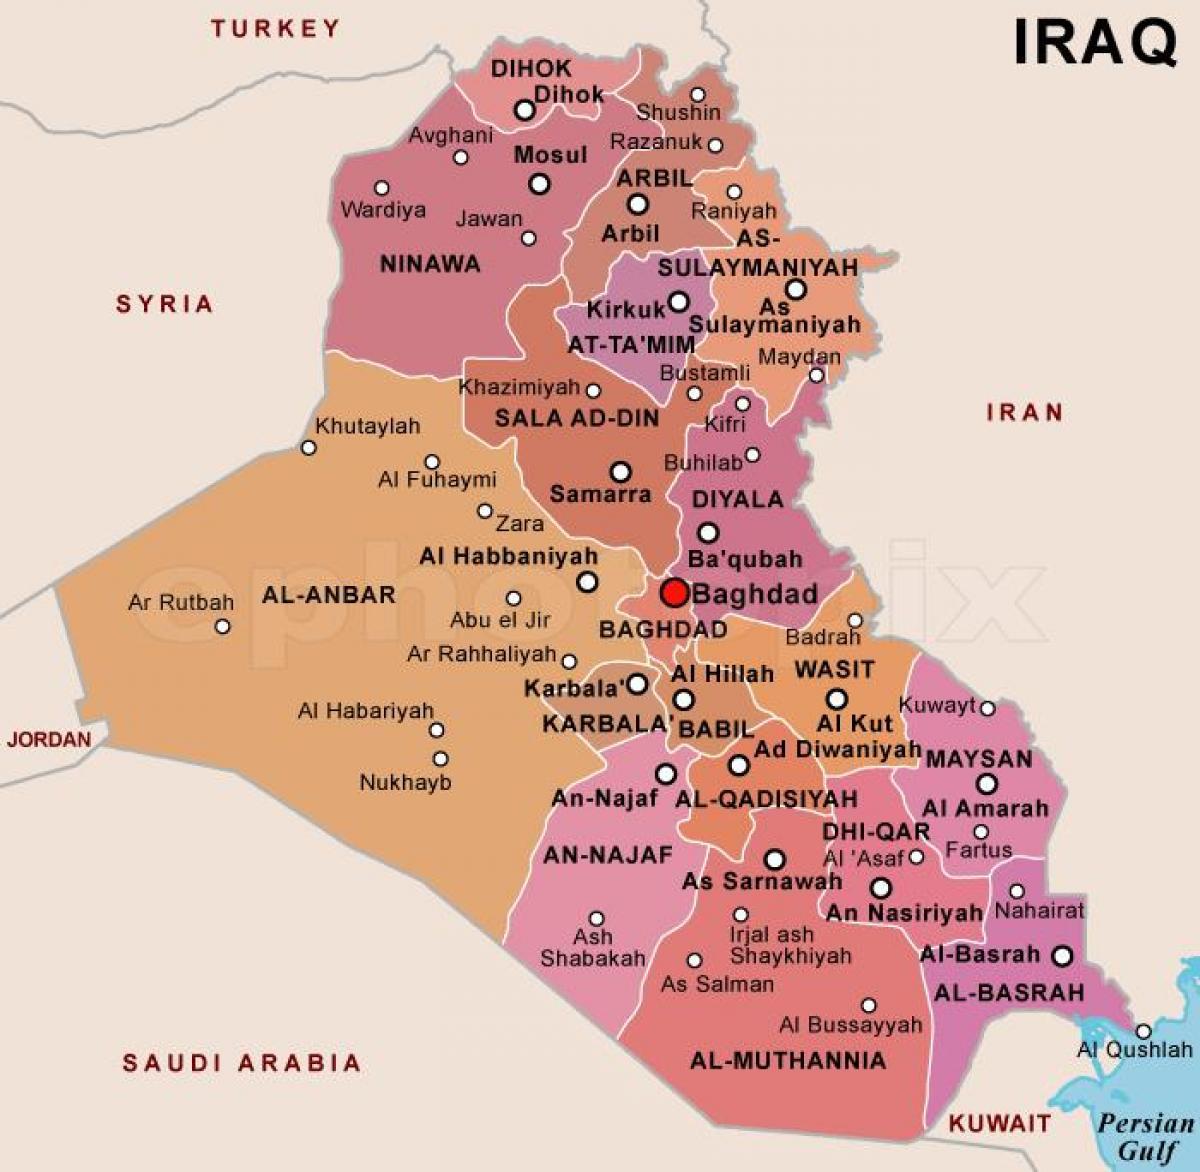 Drzava Irak Karta Drzave Iraka Zapadna Azija Azija